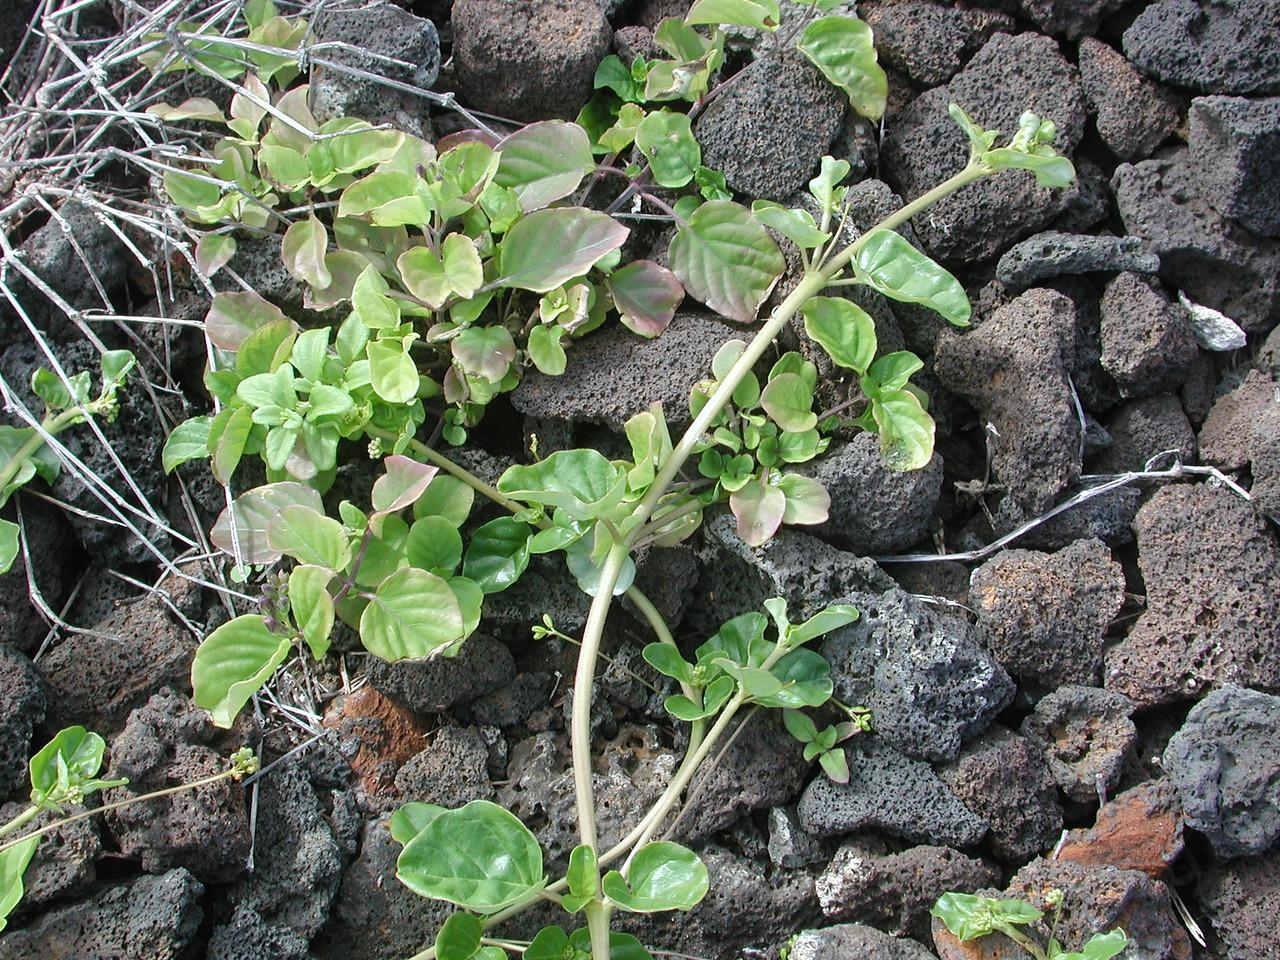 Boerhavia repens